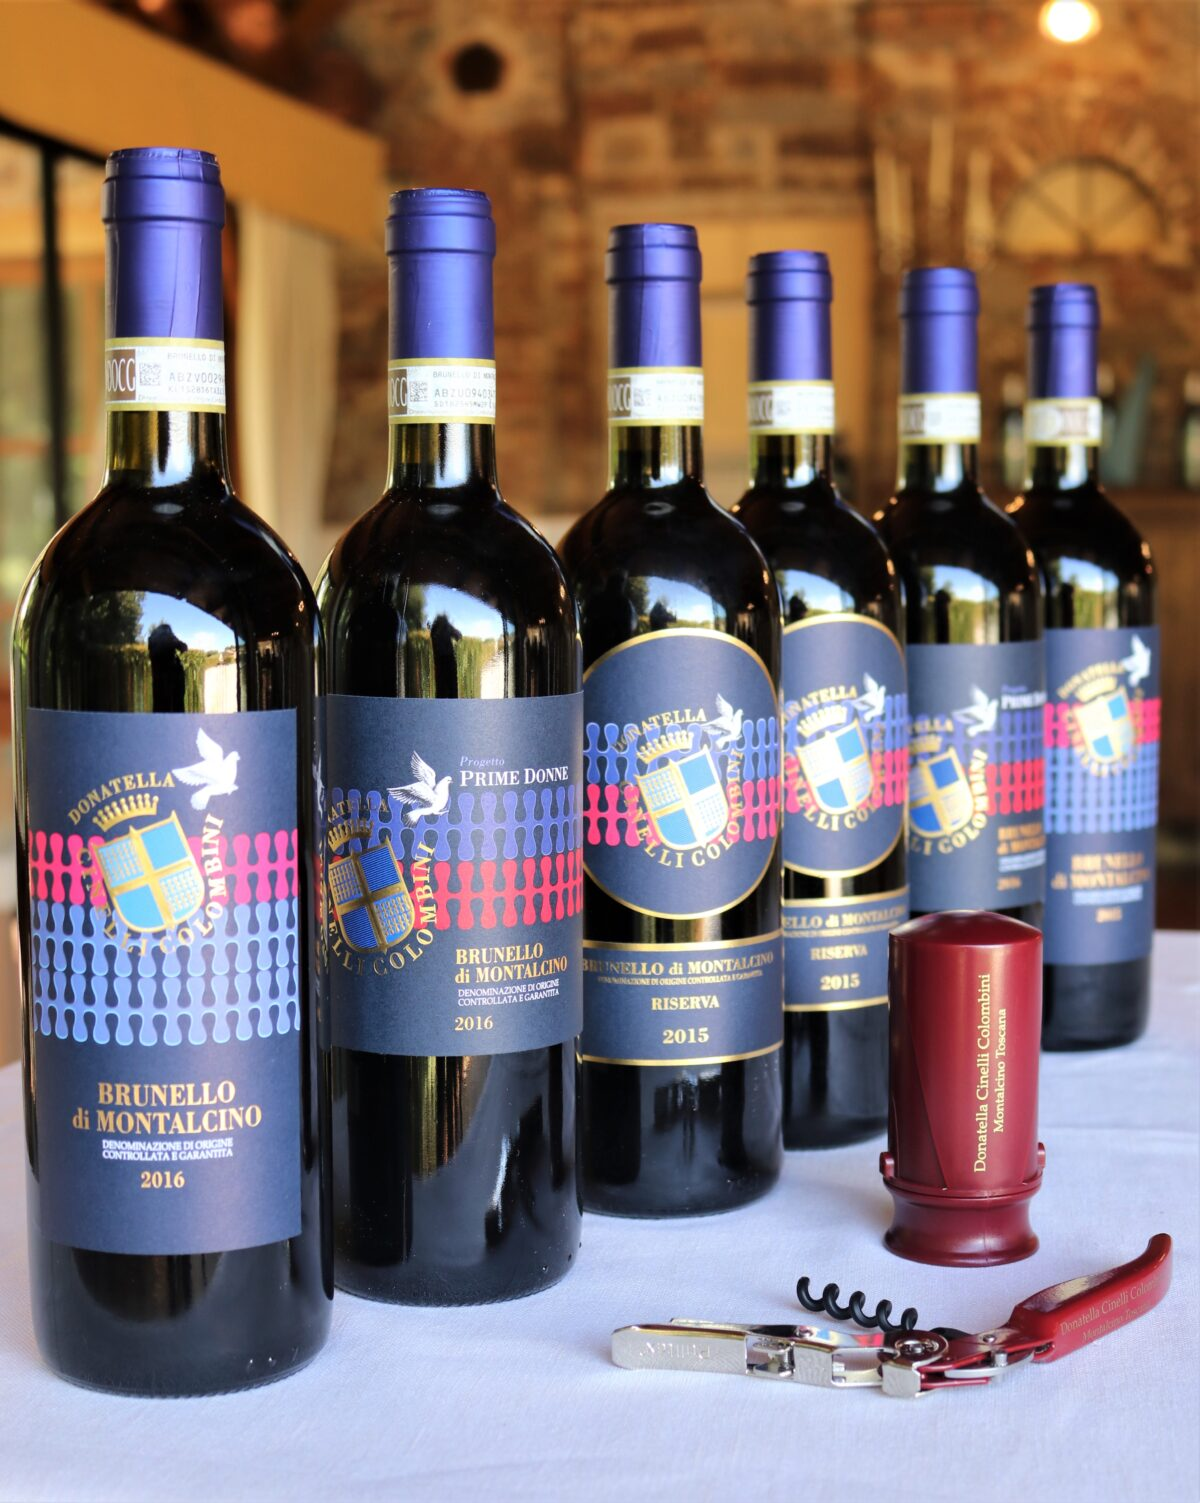 6 bottiglie di Brunello di Montalcino con cavatappi e pompetta